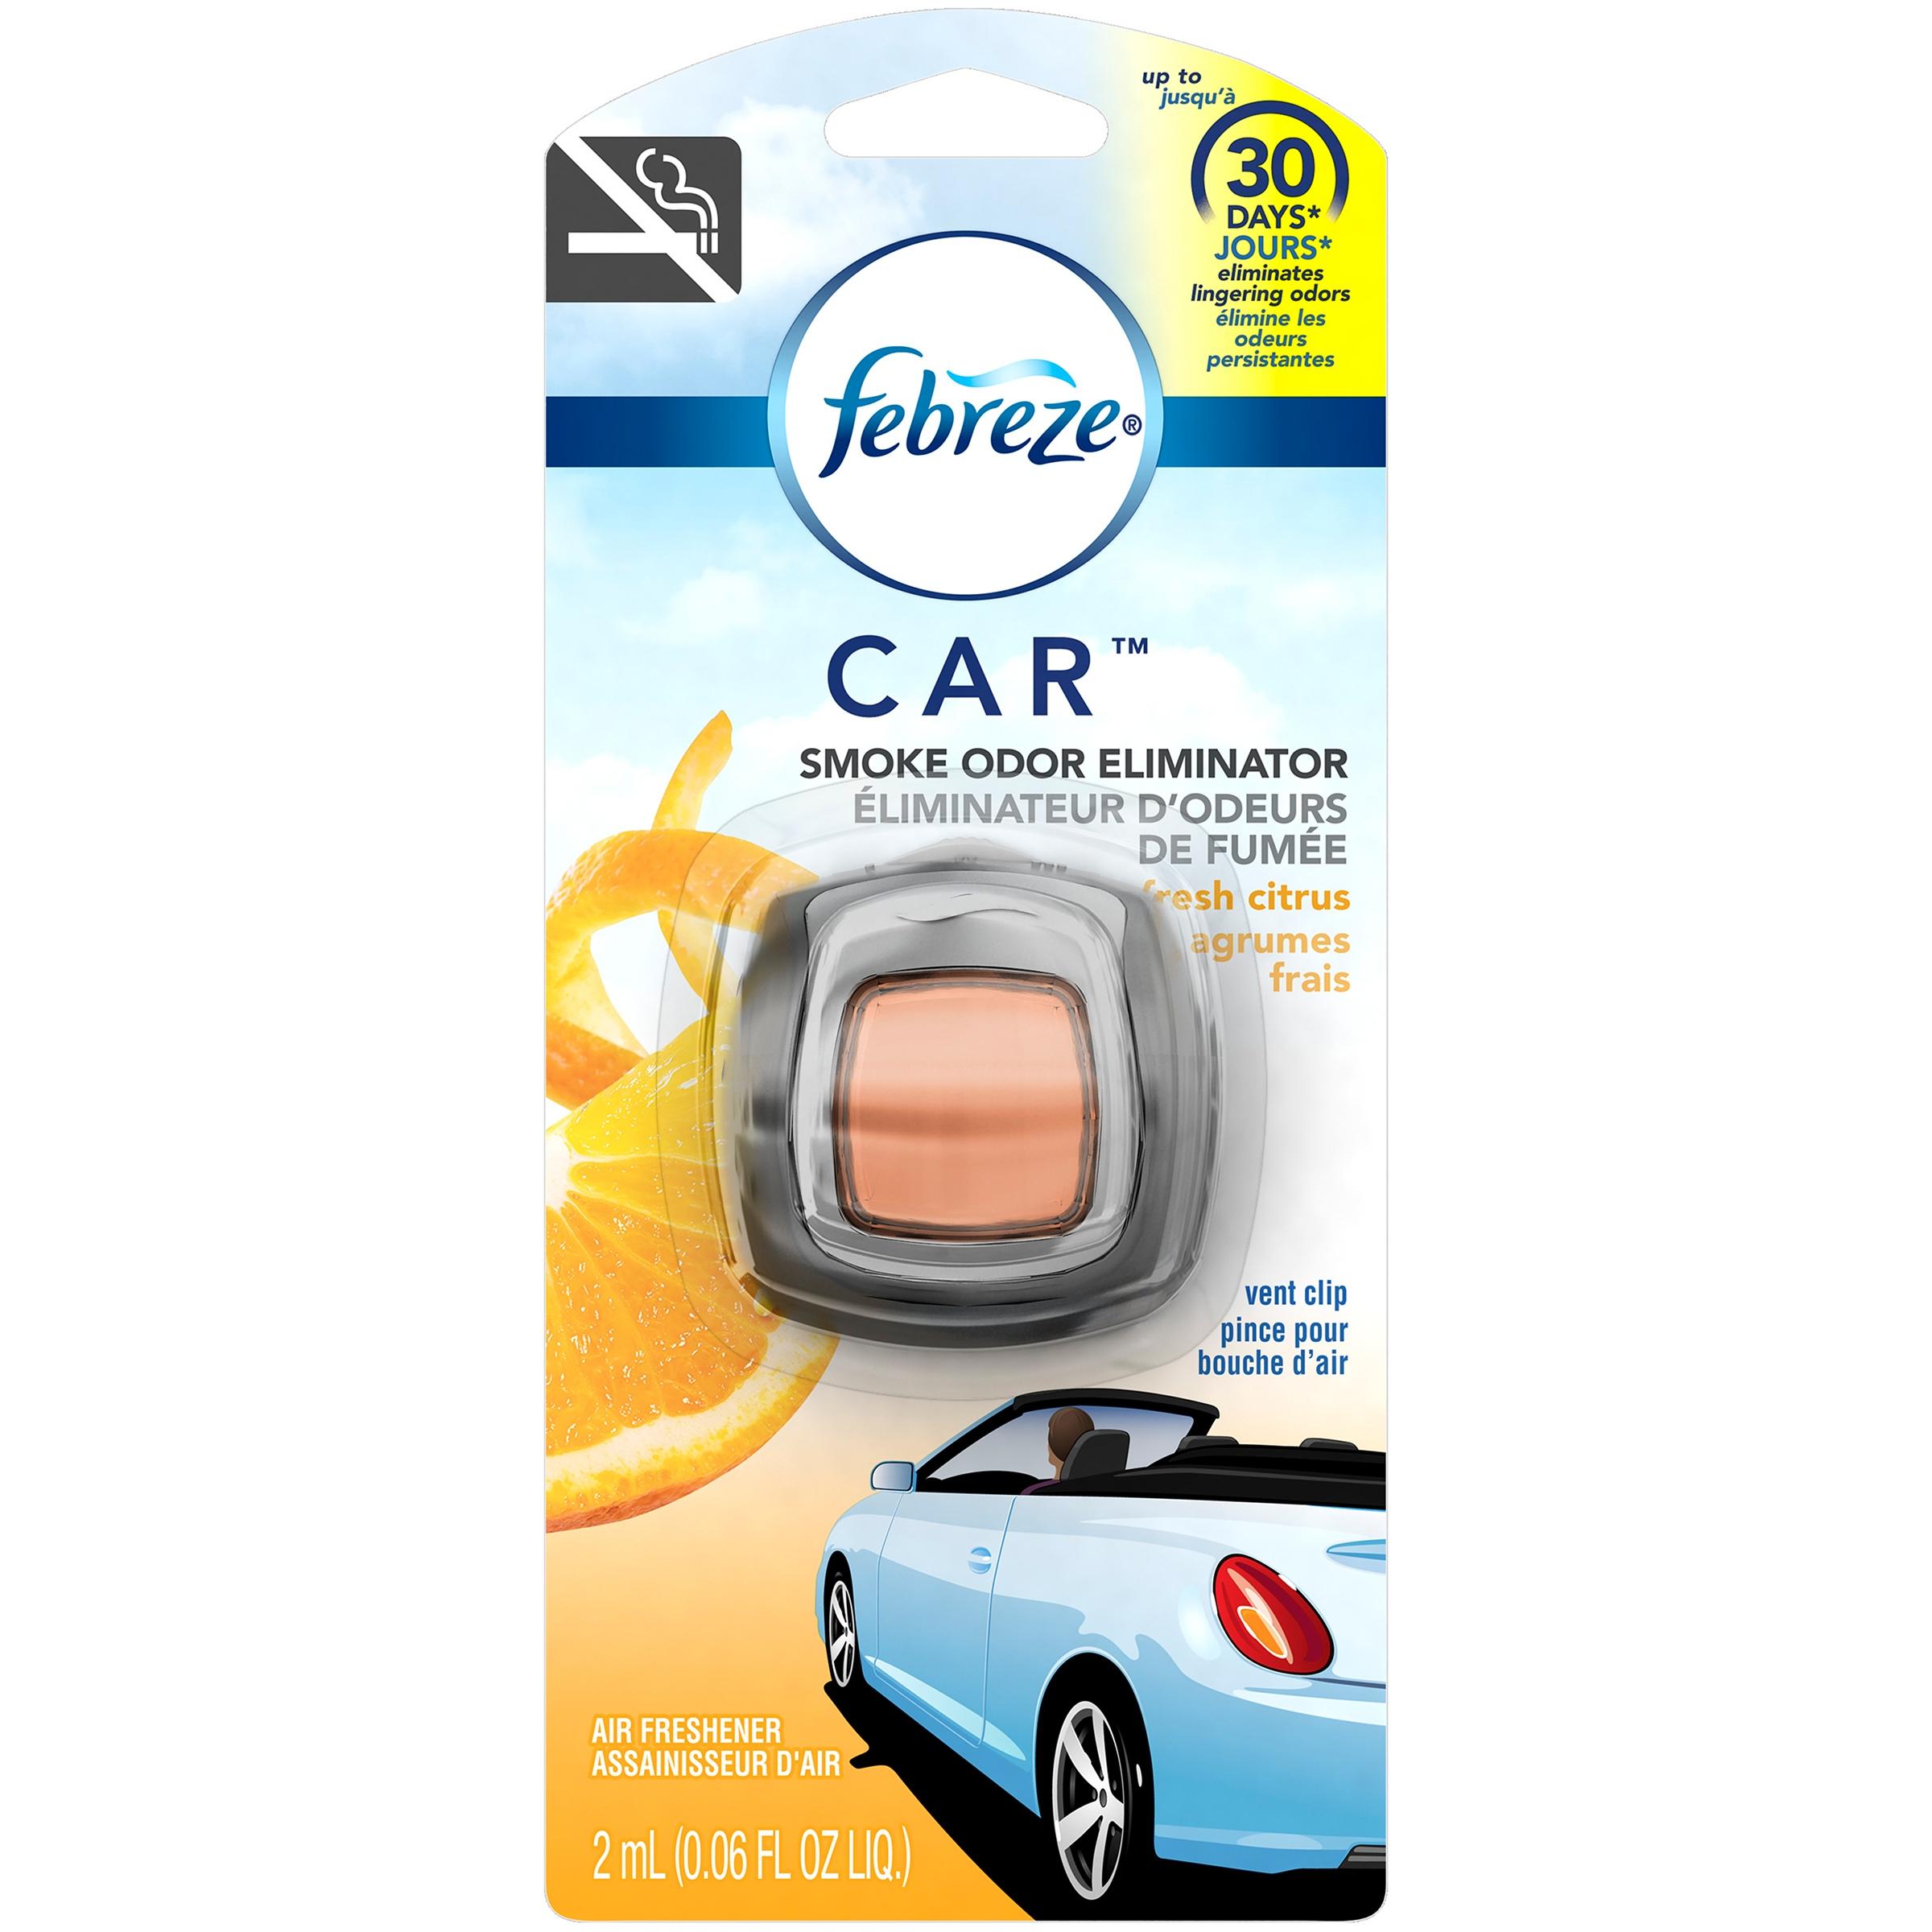 Car interior odor eliminator - Febreze Car Smoke Odor Eliminator Fresh Citrus Vent Clip Air Freshener 0 06 Fl Oz Carded Pack Walmart Com